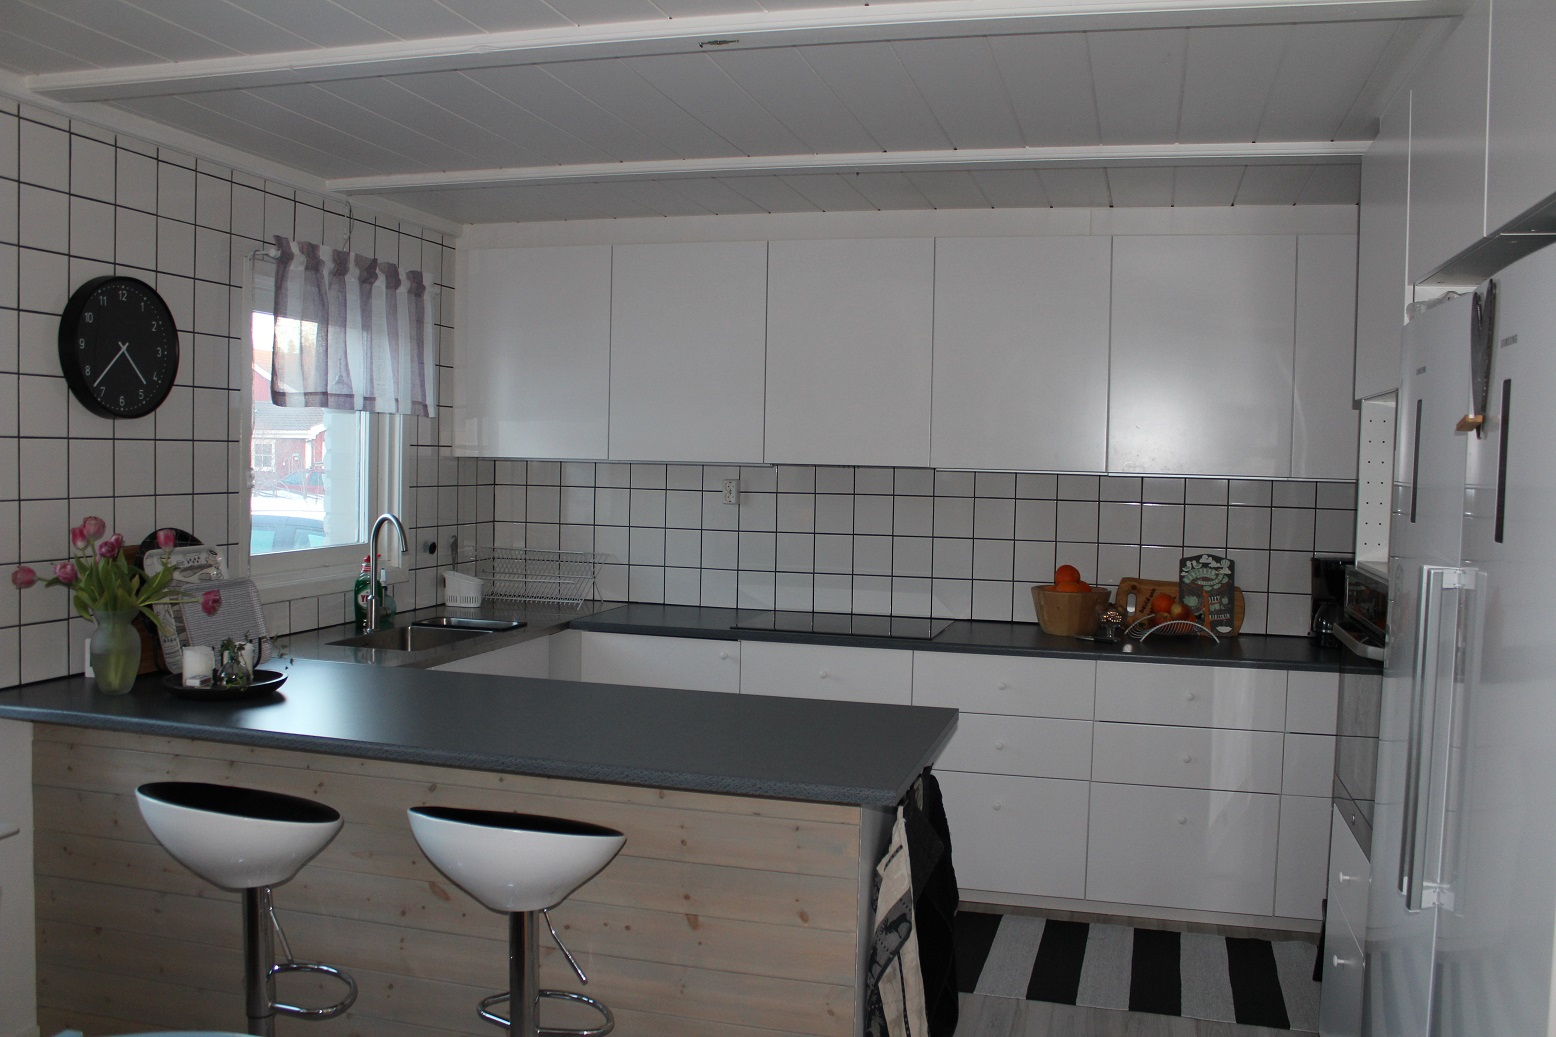 Bilder Pa Kakel Till Kok : ontligen har jag fott till bilder po vort renoverade kok! Det